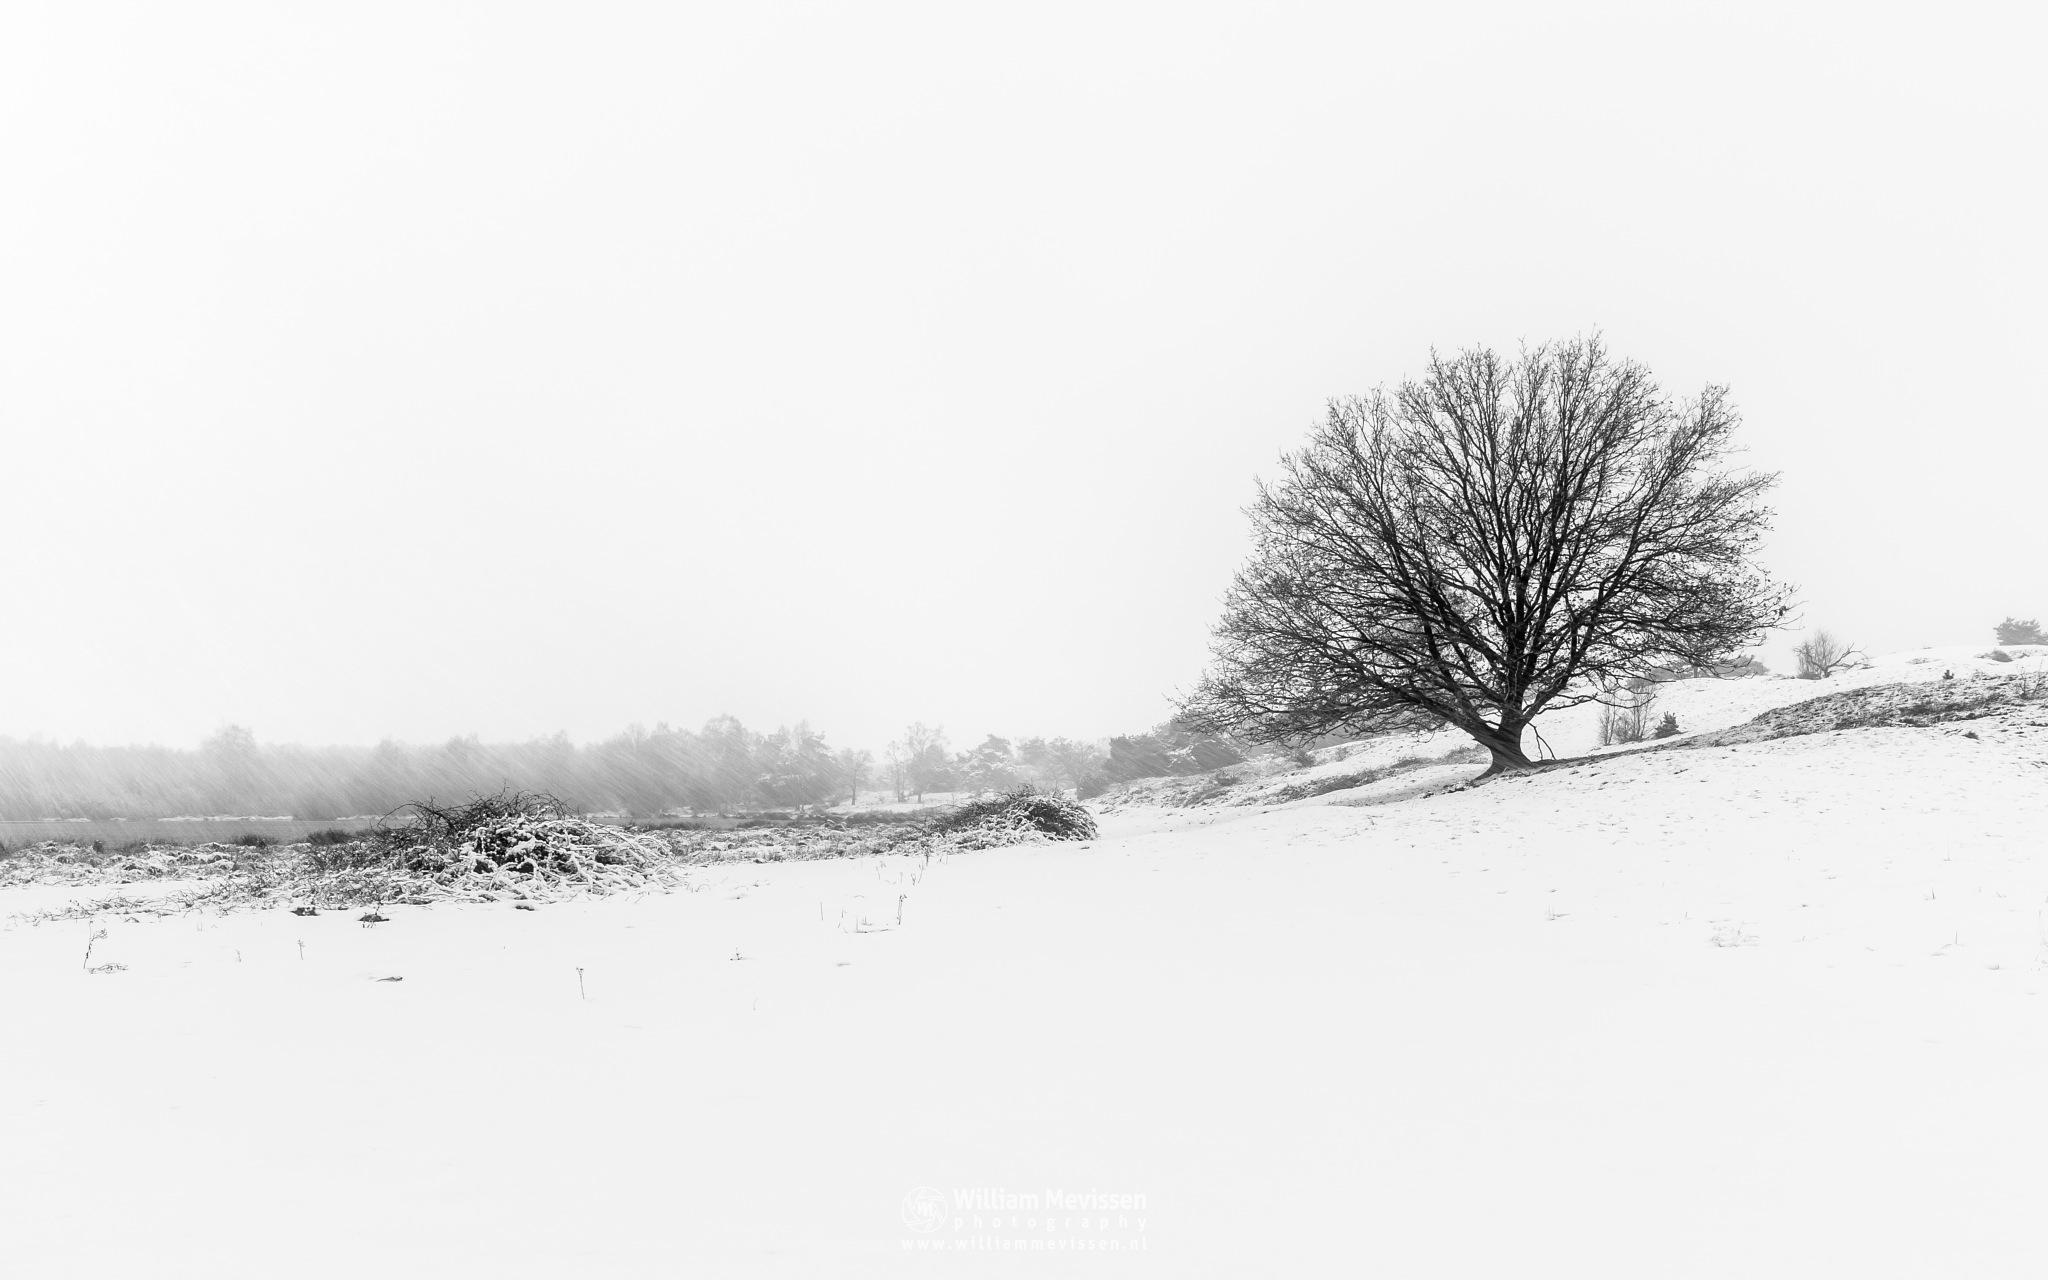 Winter Silhouettes by William Mevissen